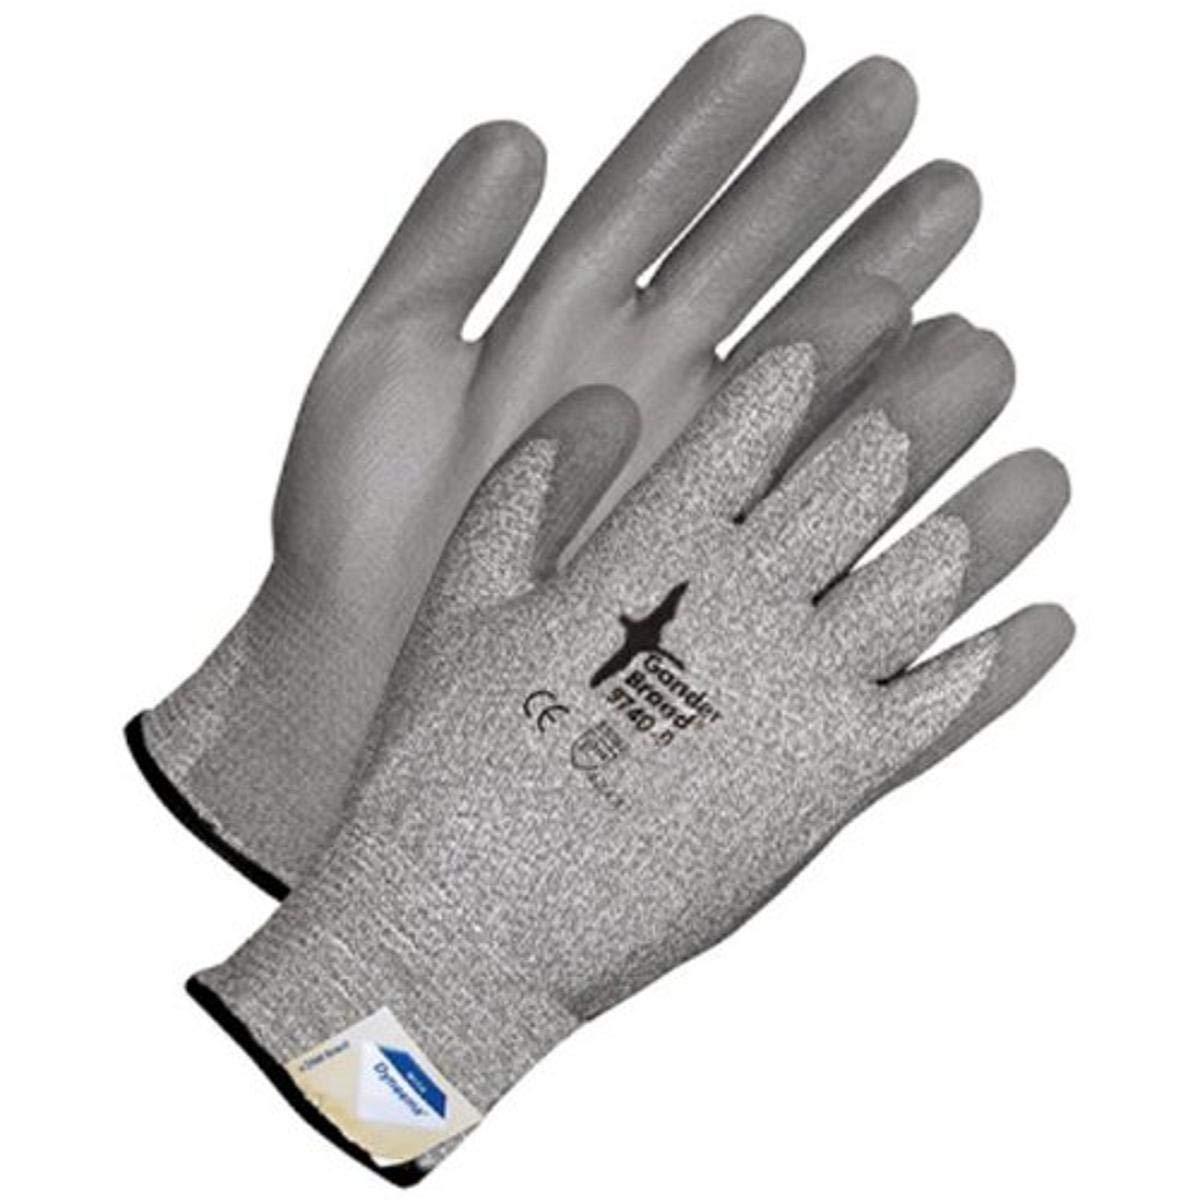 Bob Dale 99-1-9740-10 Seamless Knit Glove, Dyneema, Cut Level 3 Polyurethane Palm, Size 10, Grey